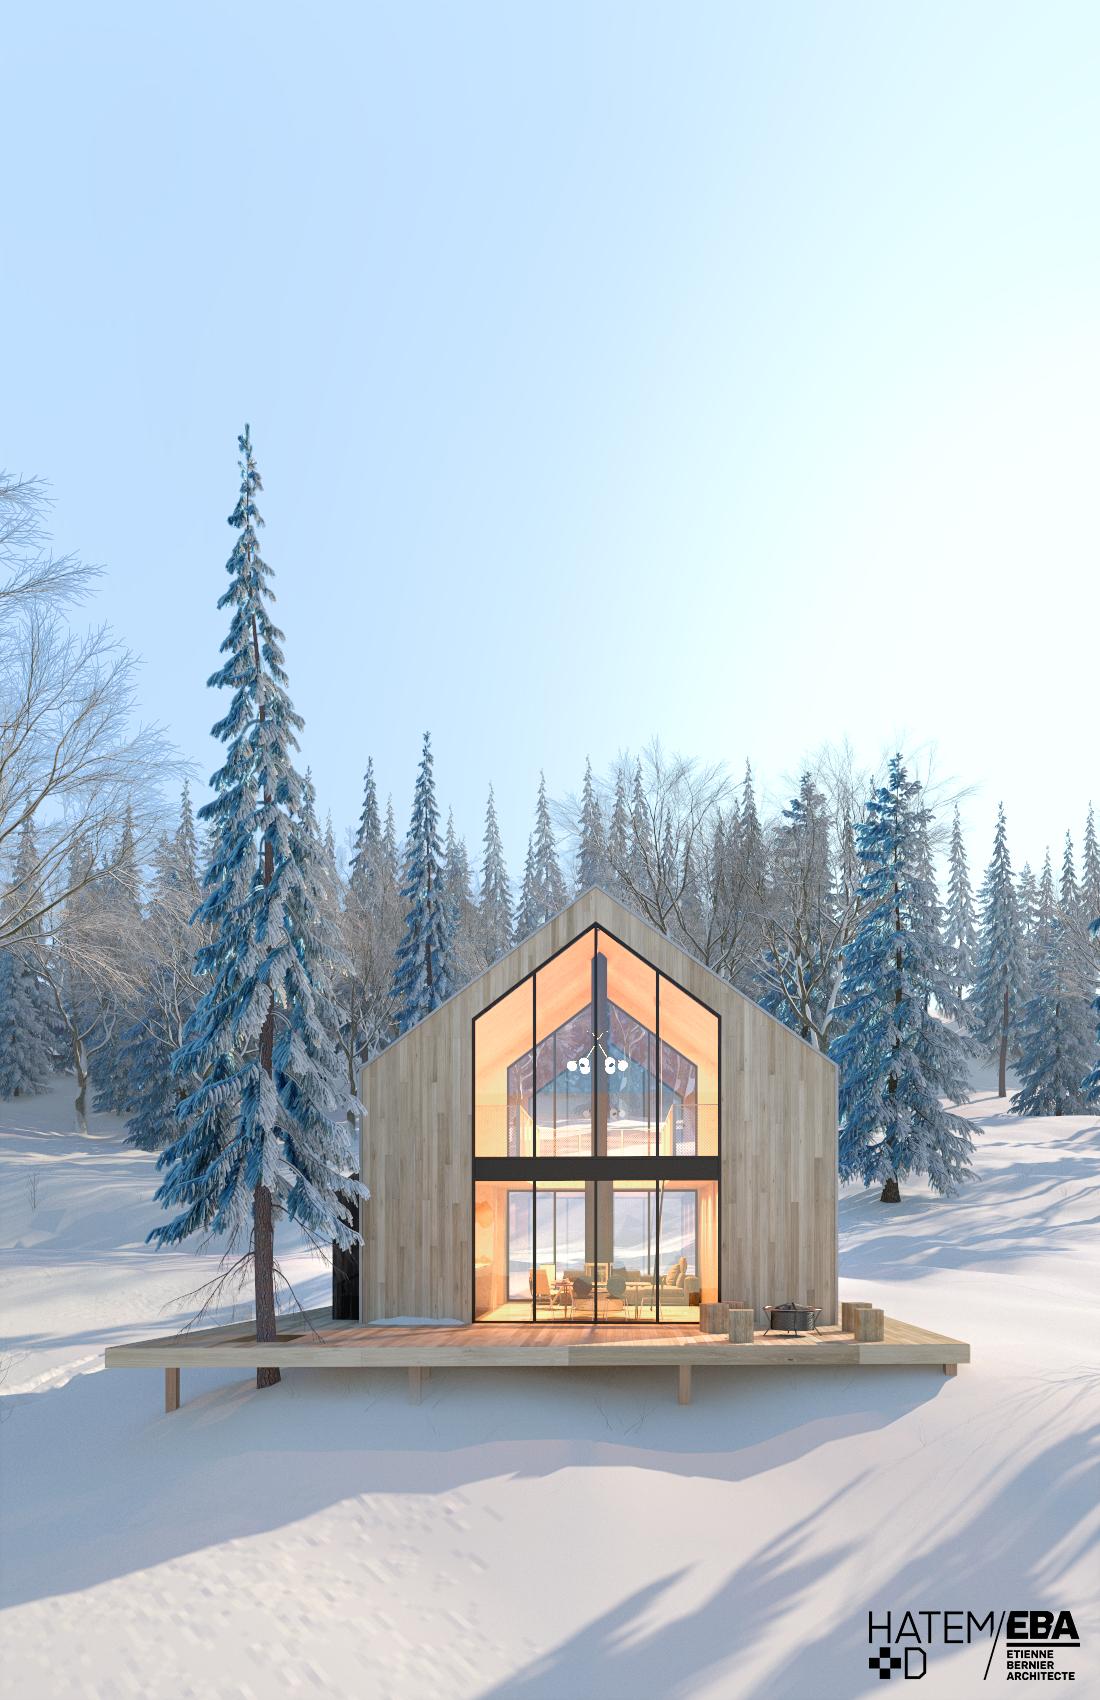 De nouveaux chalets aux inspirations scandinaves en banlieue de Québec #dreamhouses